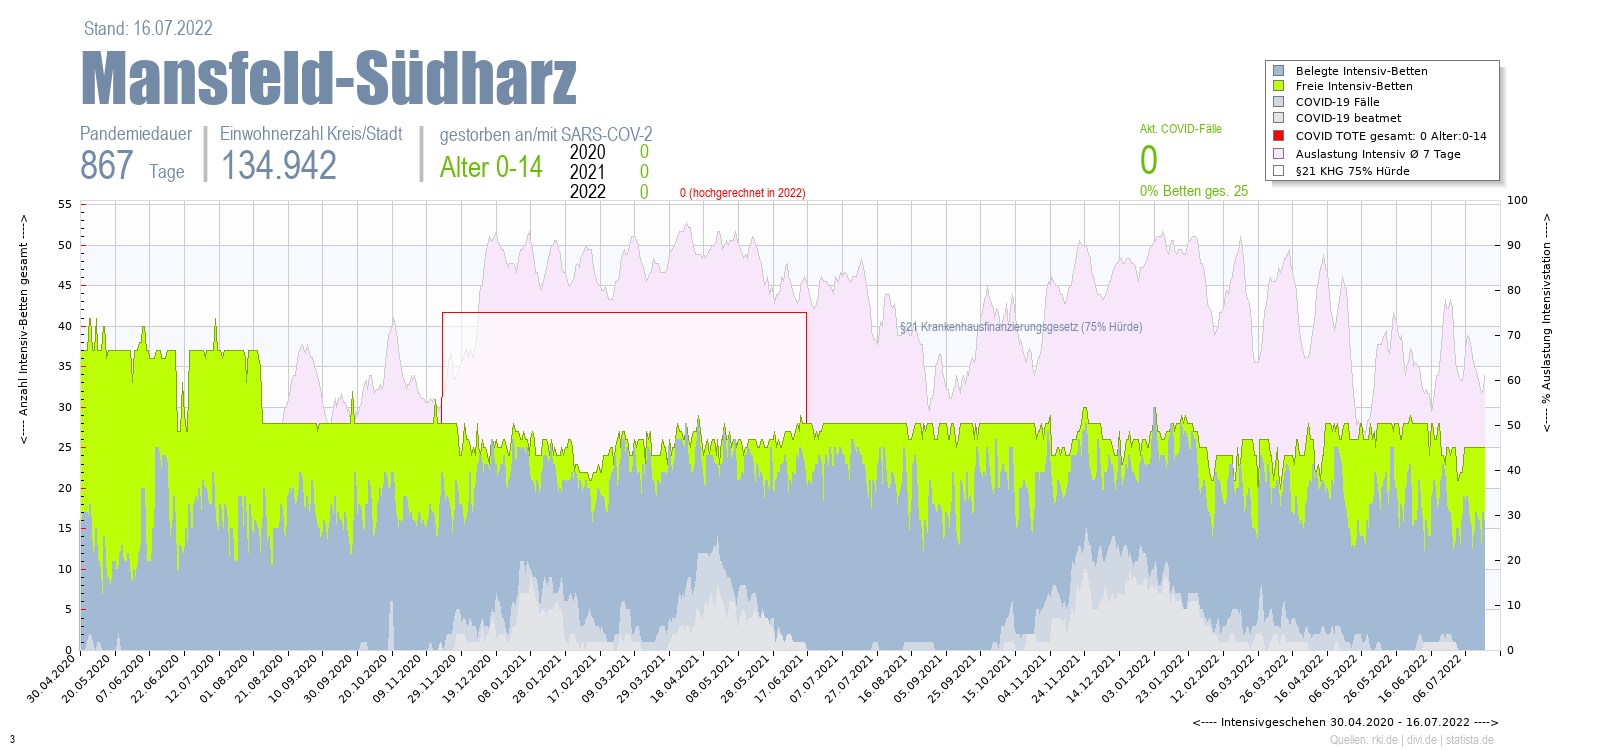 Intensivstation Auslastung Mansfeld-Südharz Alter 0-4